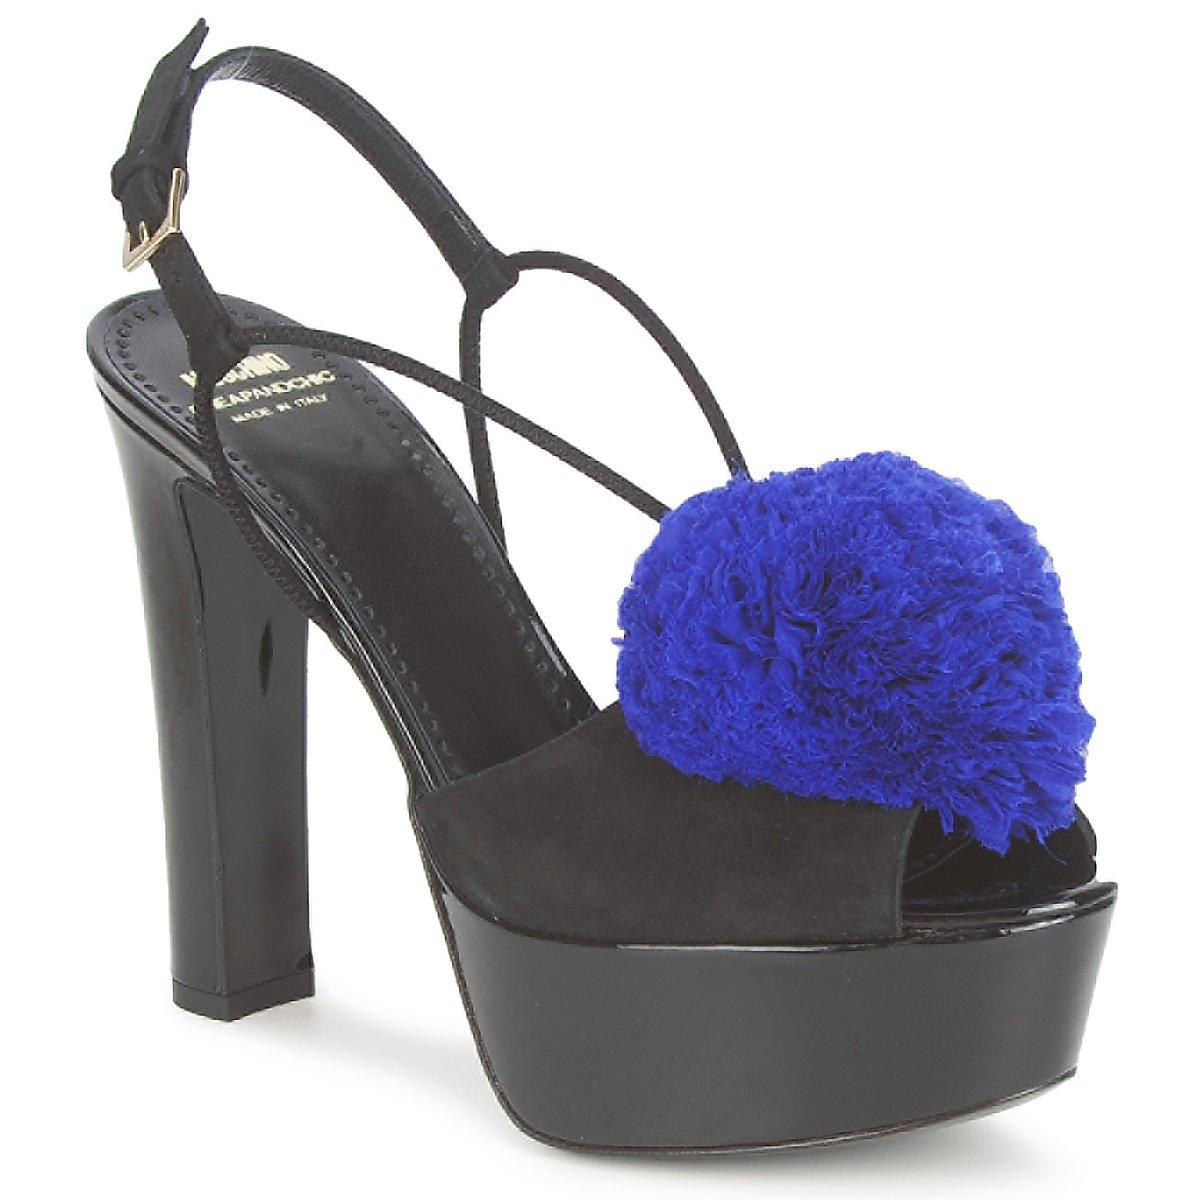 Moschino Cheap & CHIC CA1608 Ooc-schwarz-blau - Kostenloser Versand bei Spartoode ! - Schuhe Sandalen / Sandaletten Damen 217,50 €